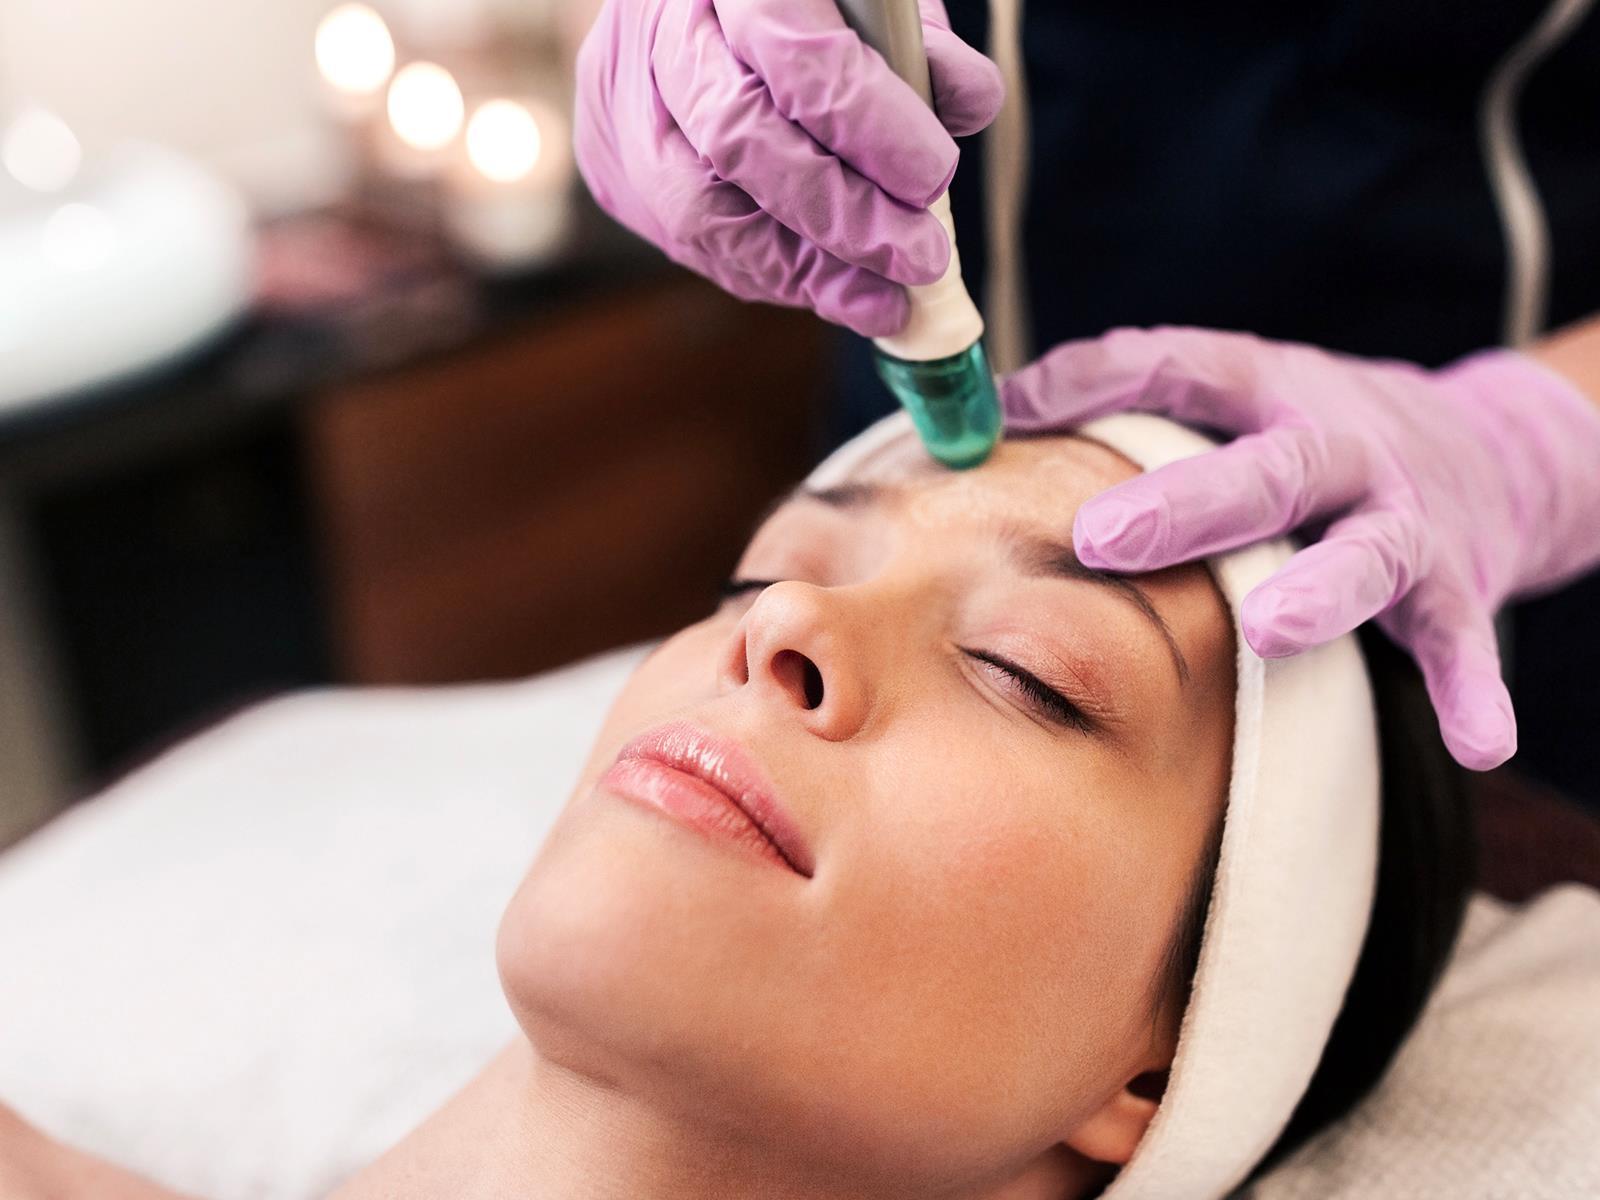 usuwanie trądziku w gabinecie dermatologicznym